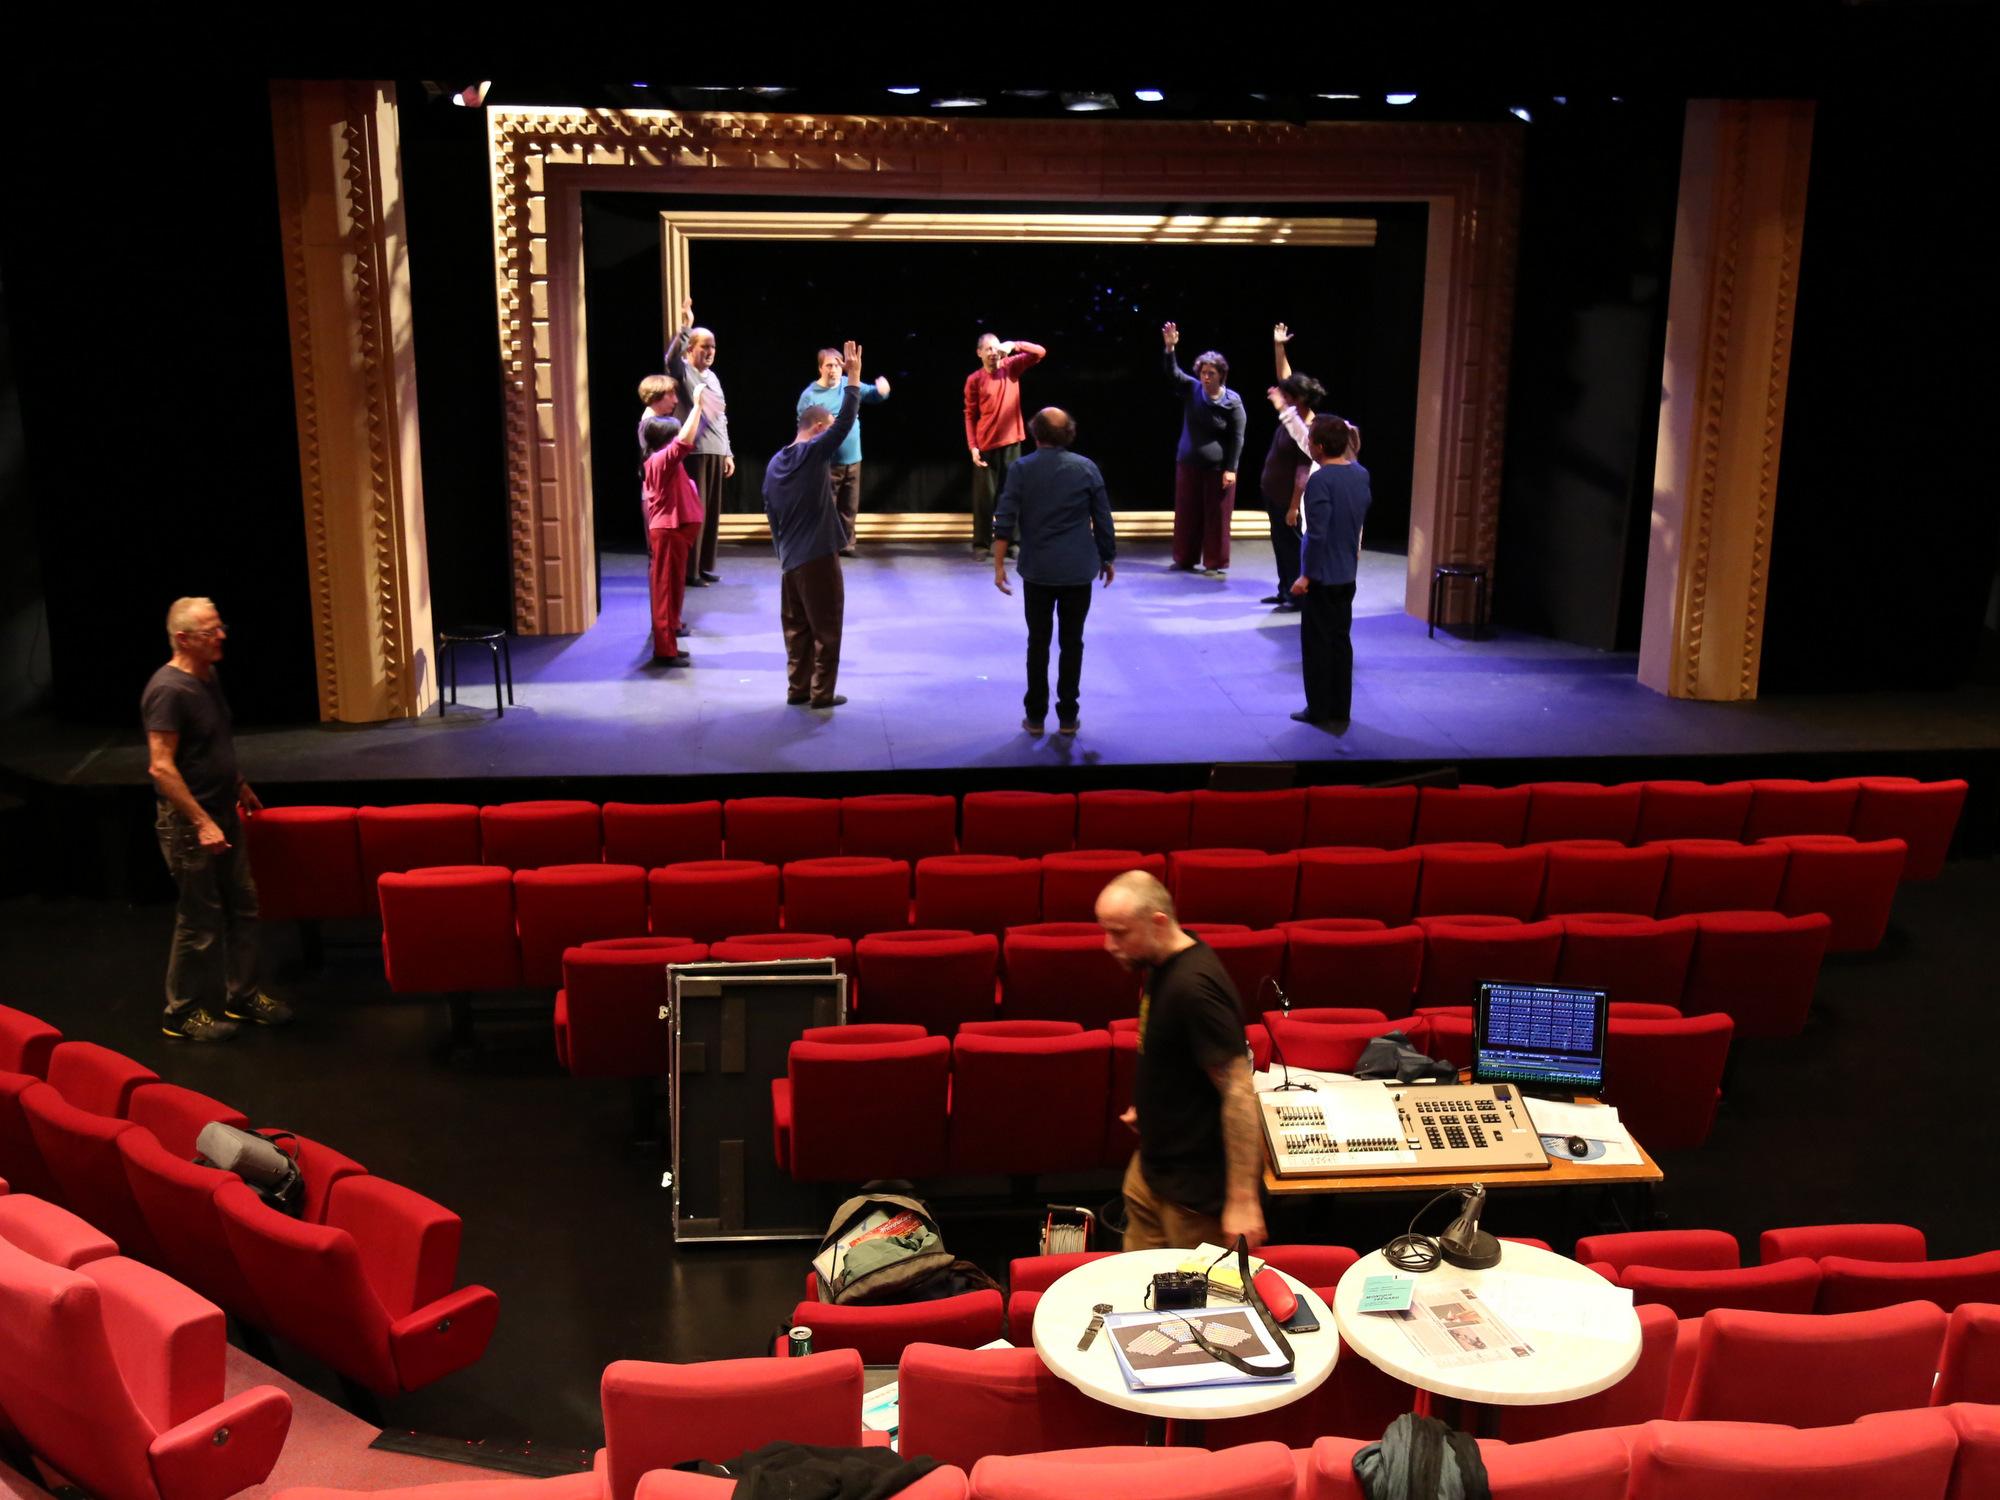 La compagnie - Théâtre de l'esquisse, Genève